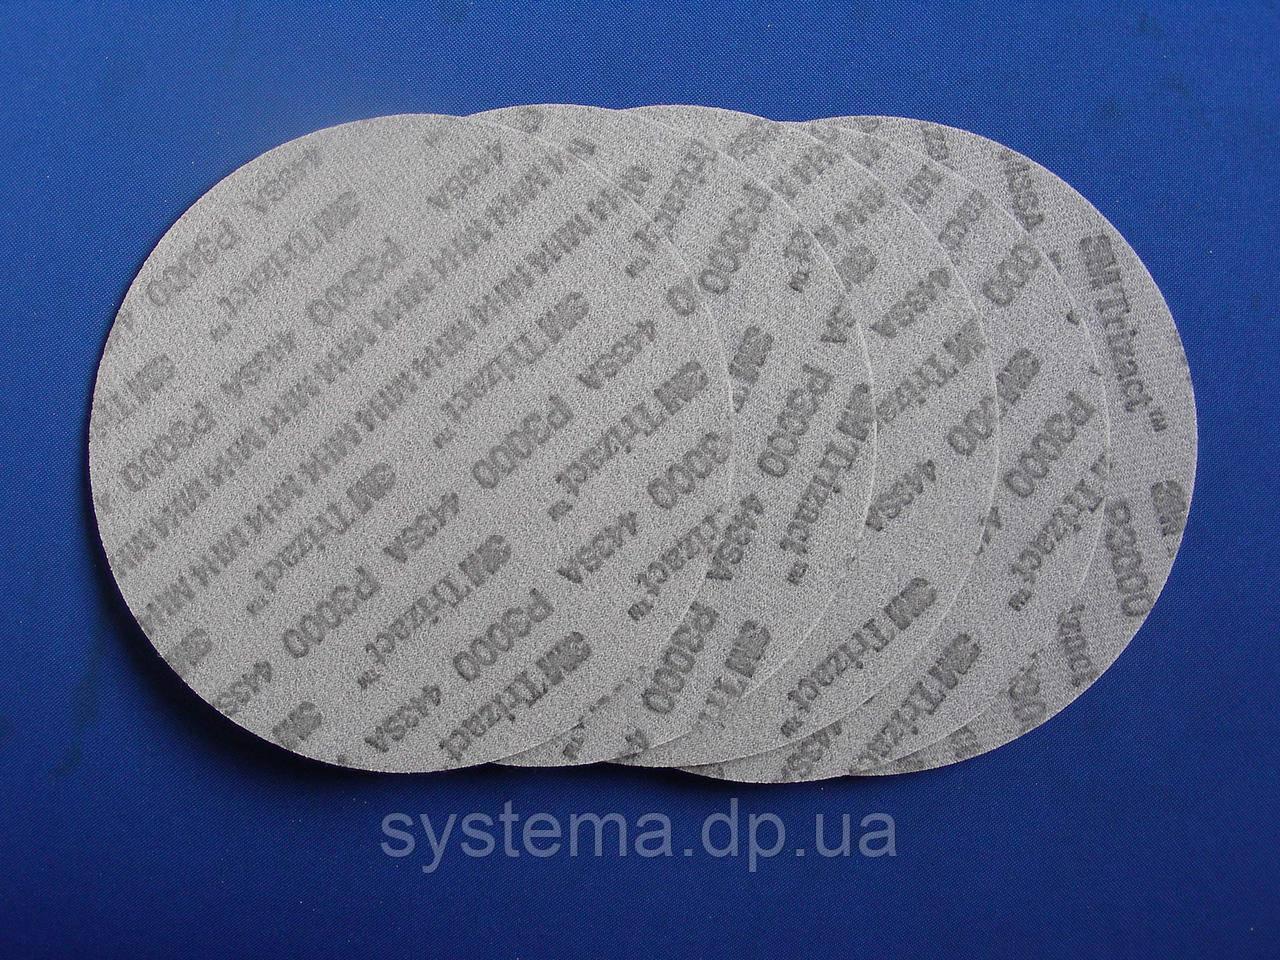 Абразивный полировальный круг ∅ 75 мм, P3000 - 3M 50415 Trizact 443 SA Hookit